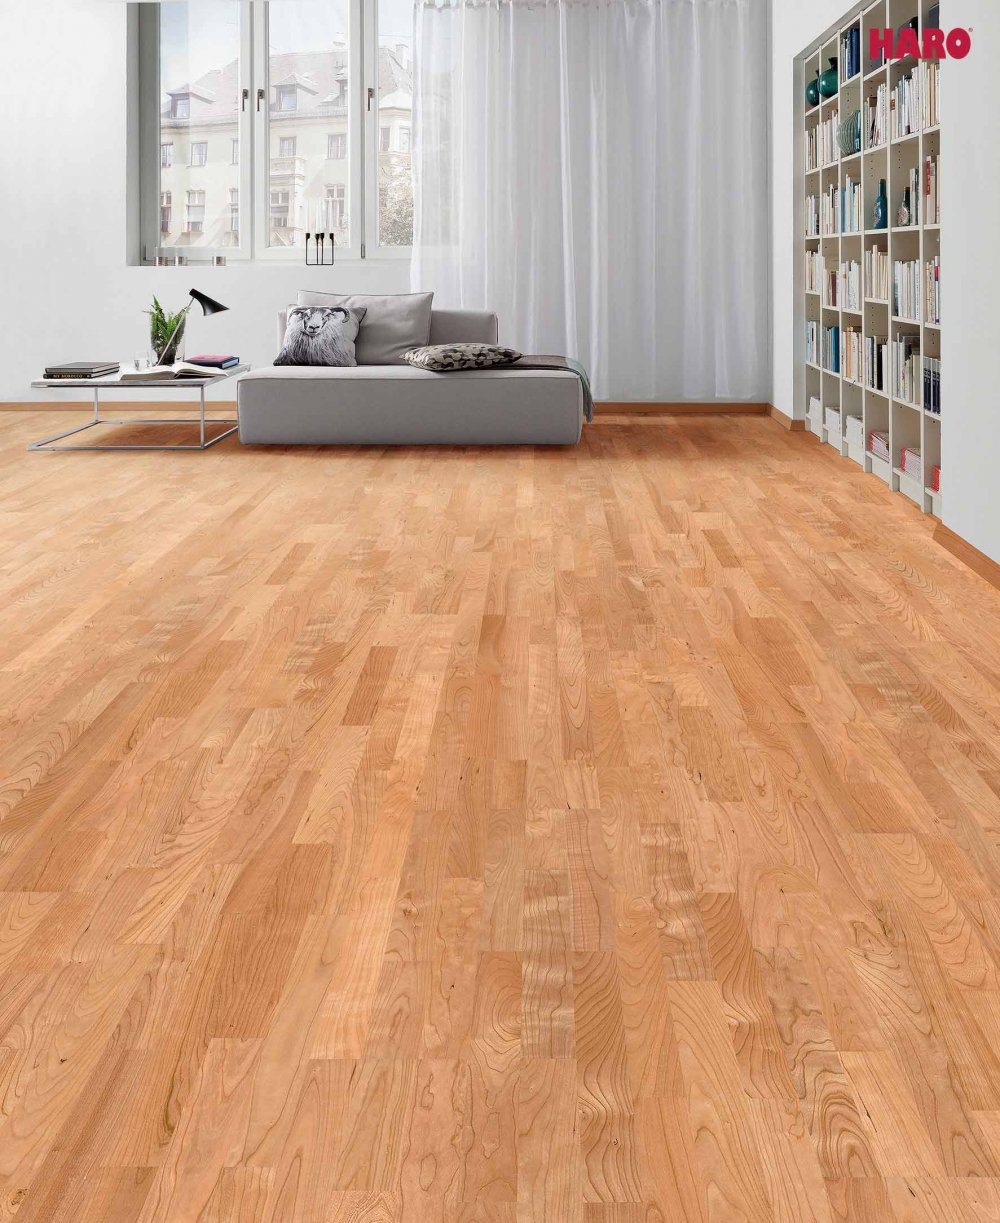 523811 haro parkett 3 stab schiffsboden 4000 amerikanischer kirschbaum trend lackiert. Black Bedroom Furniture Sets. Home Design Ideas